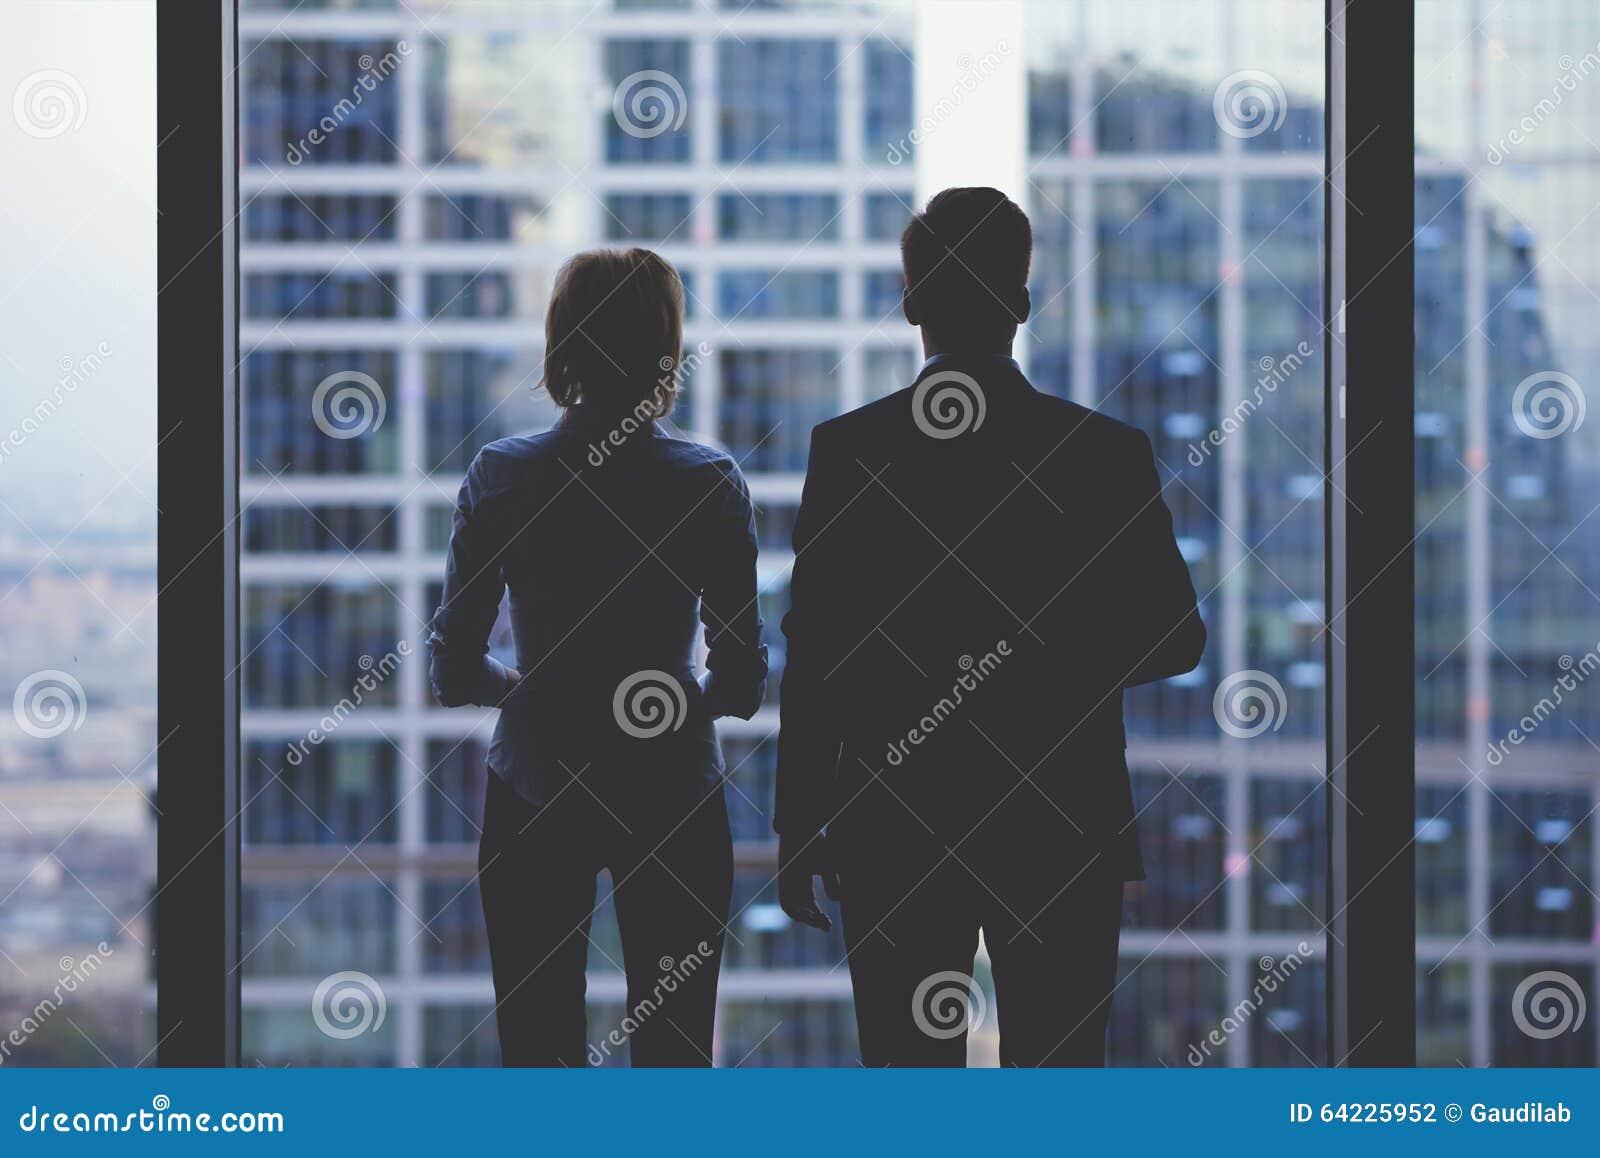 Siluetas de la vista posterior de dos socios comerciales que miran cuidadosamente fuera de una ventana de la oficina en la situac